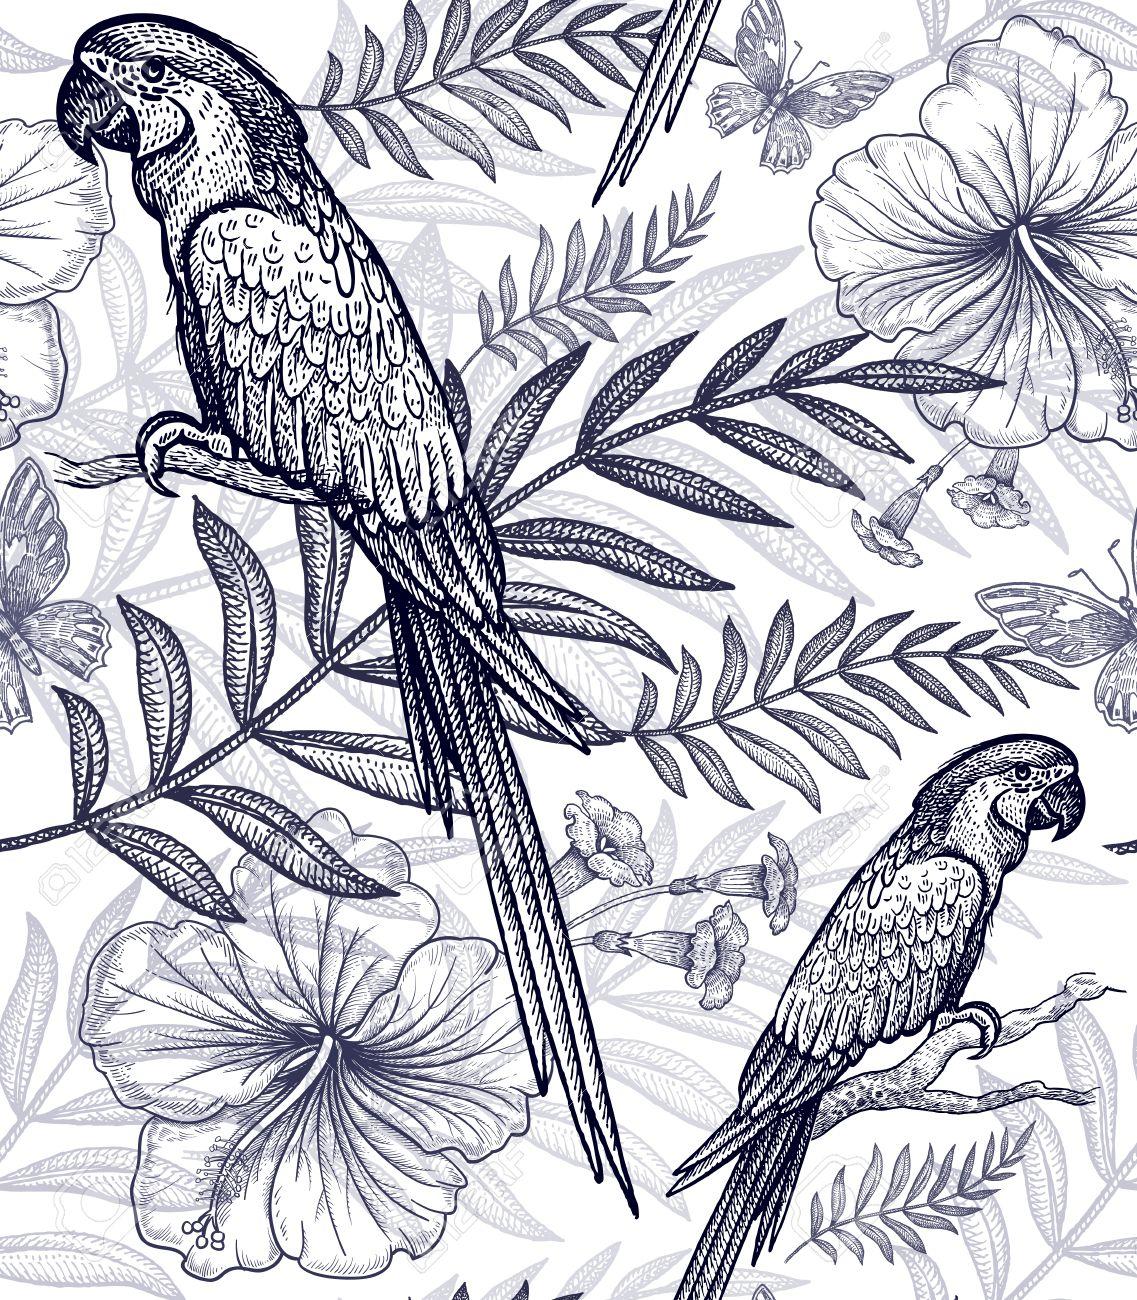 Fleurs Et Motifs Floraux Doiseaux Dessin à Main Levée Noir Et Blanc Plantes Exotiques Branches De Palmier Ananas Hibiscus Papillons